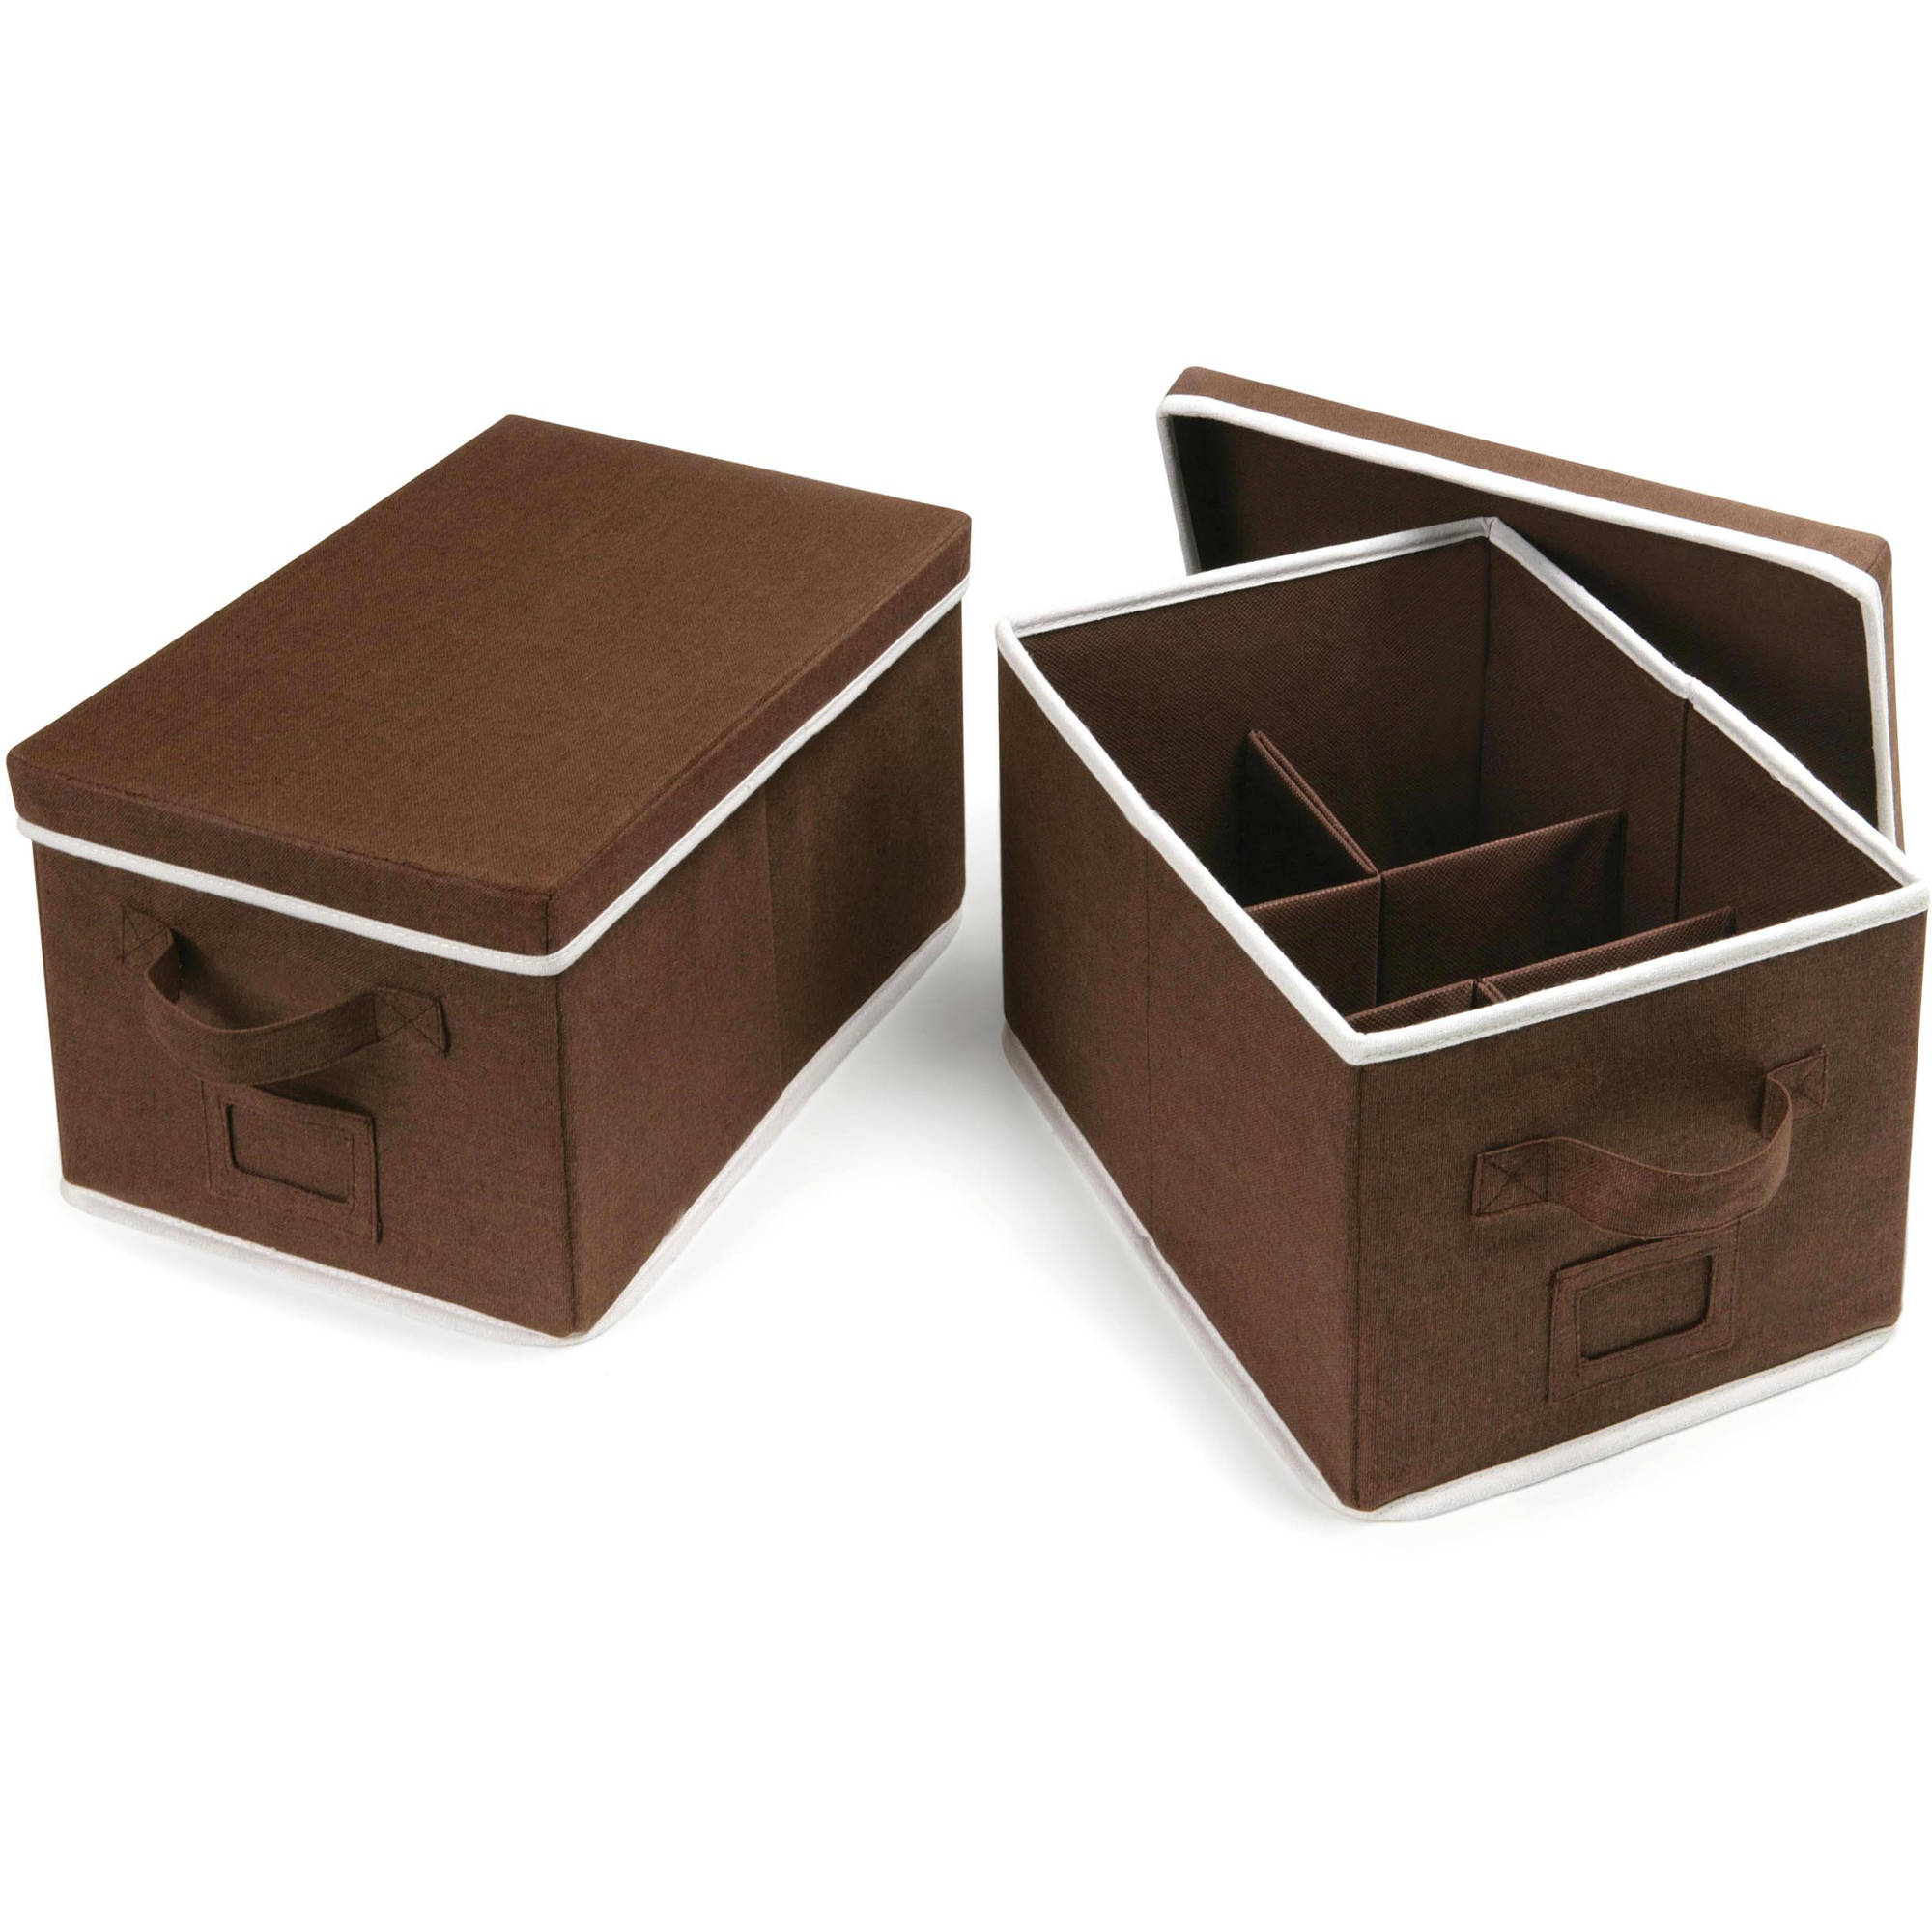 Badger Basket Medium Folding Storage Baskets with Adjustable Dividers,Set of 2, Choose Your Color